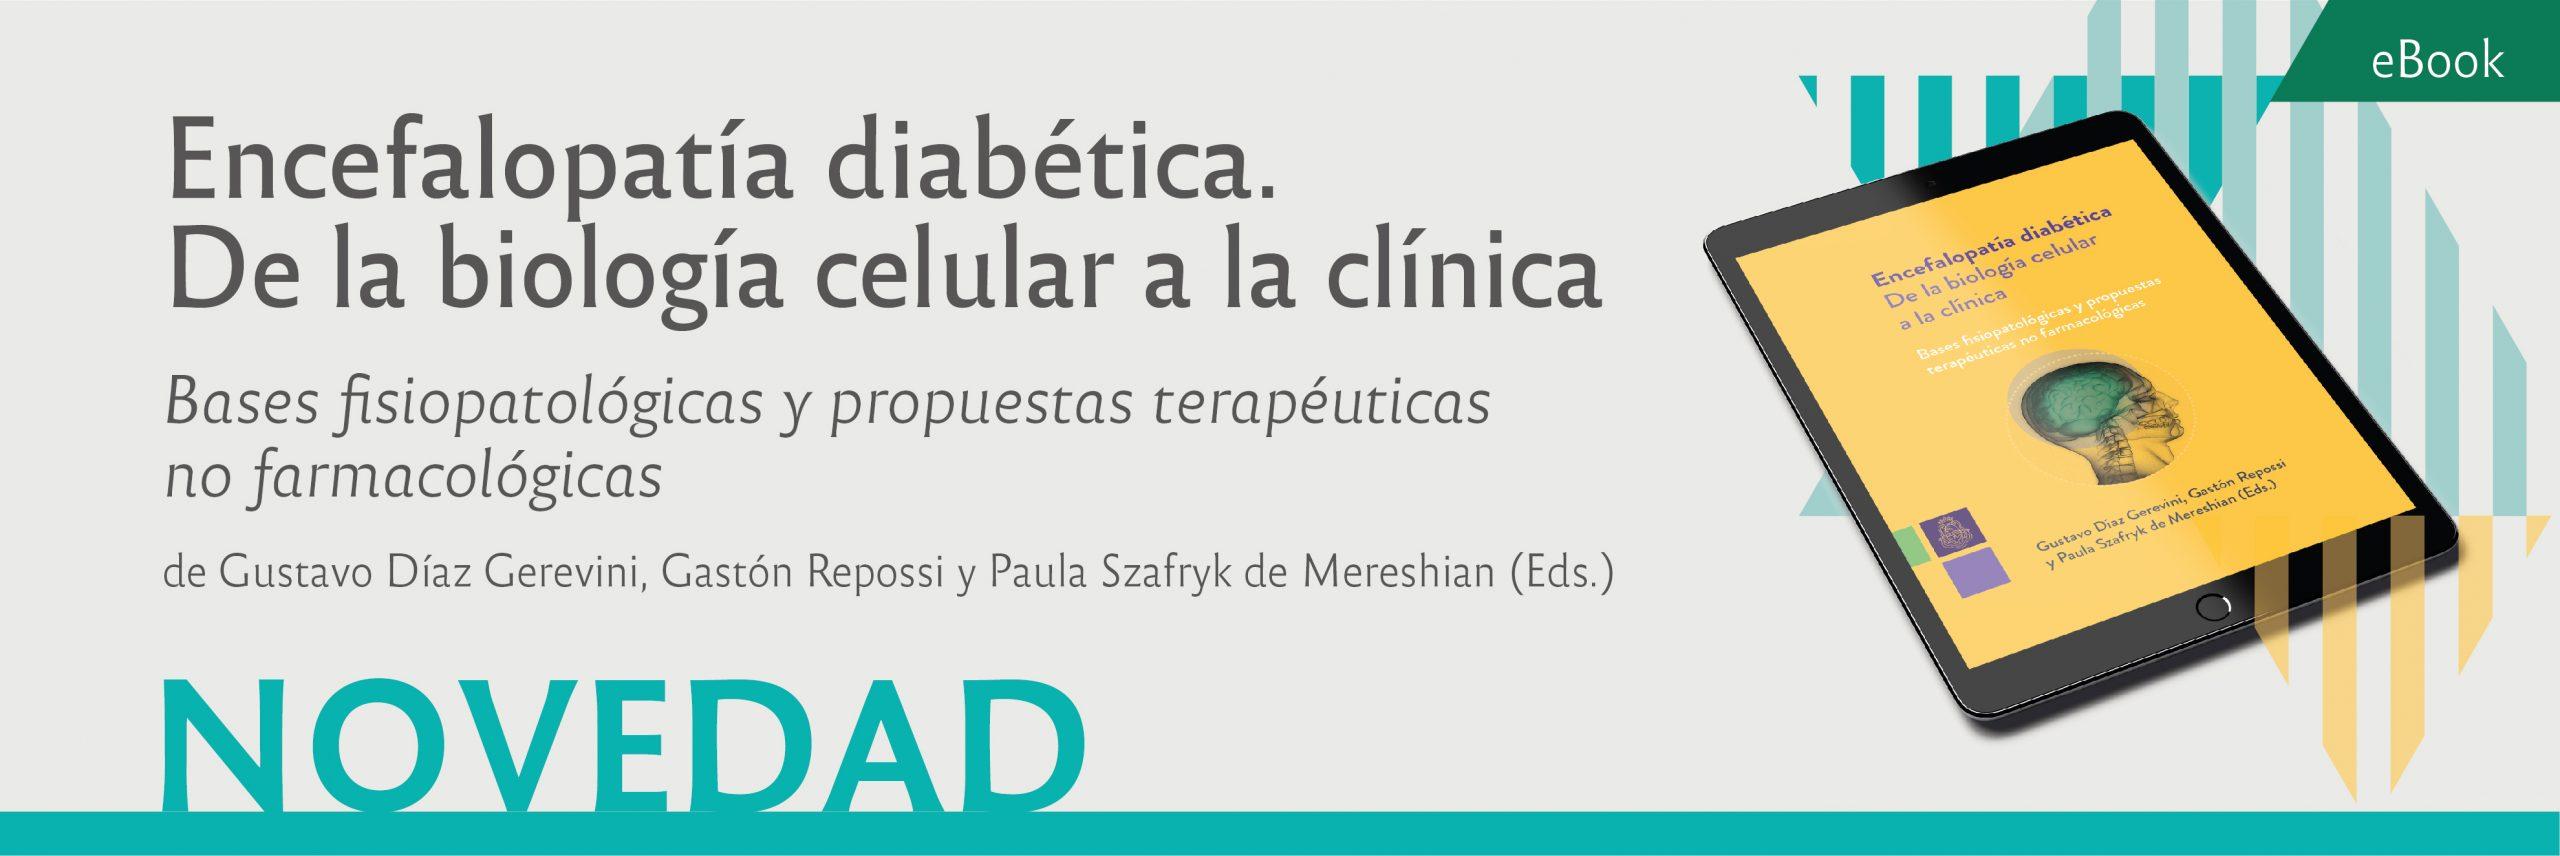 Encefalopatía diabética. De la biología celular a la clínica